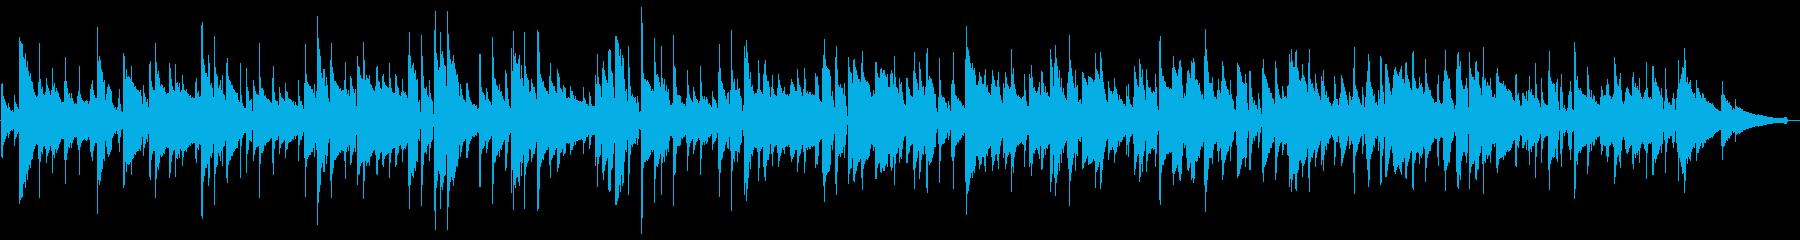 ボサノバ風のクラシックギターのジングルの再生済みの波形